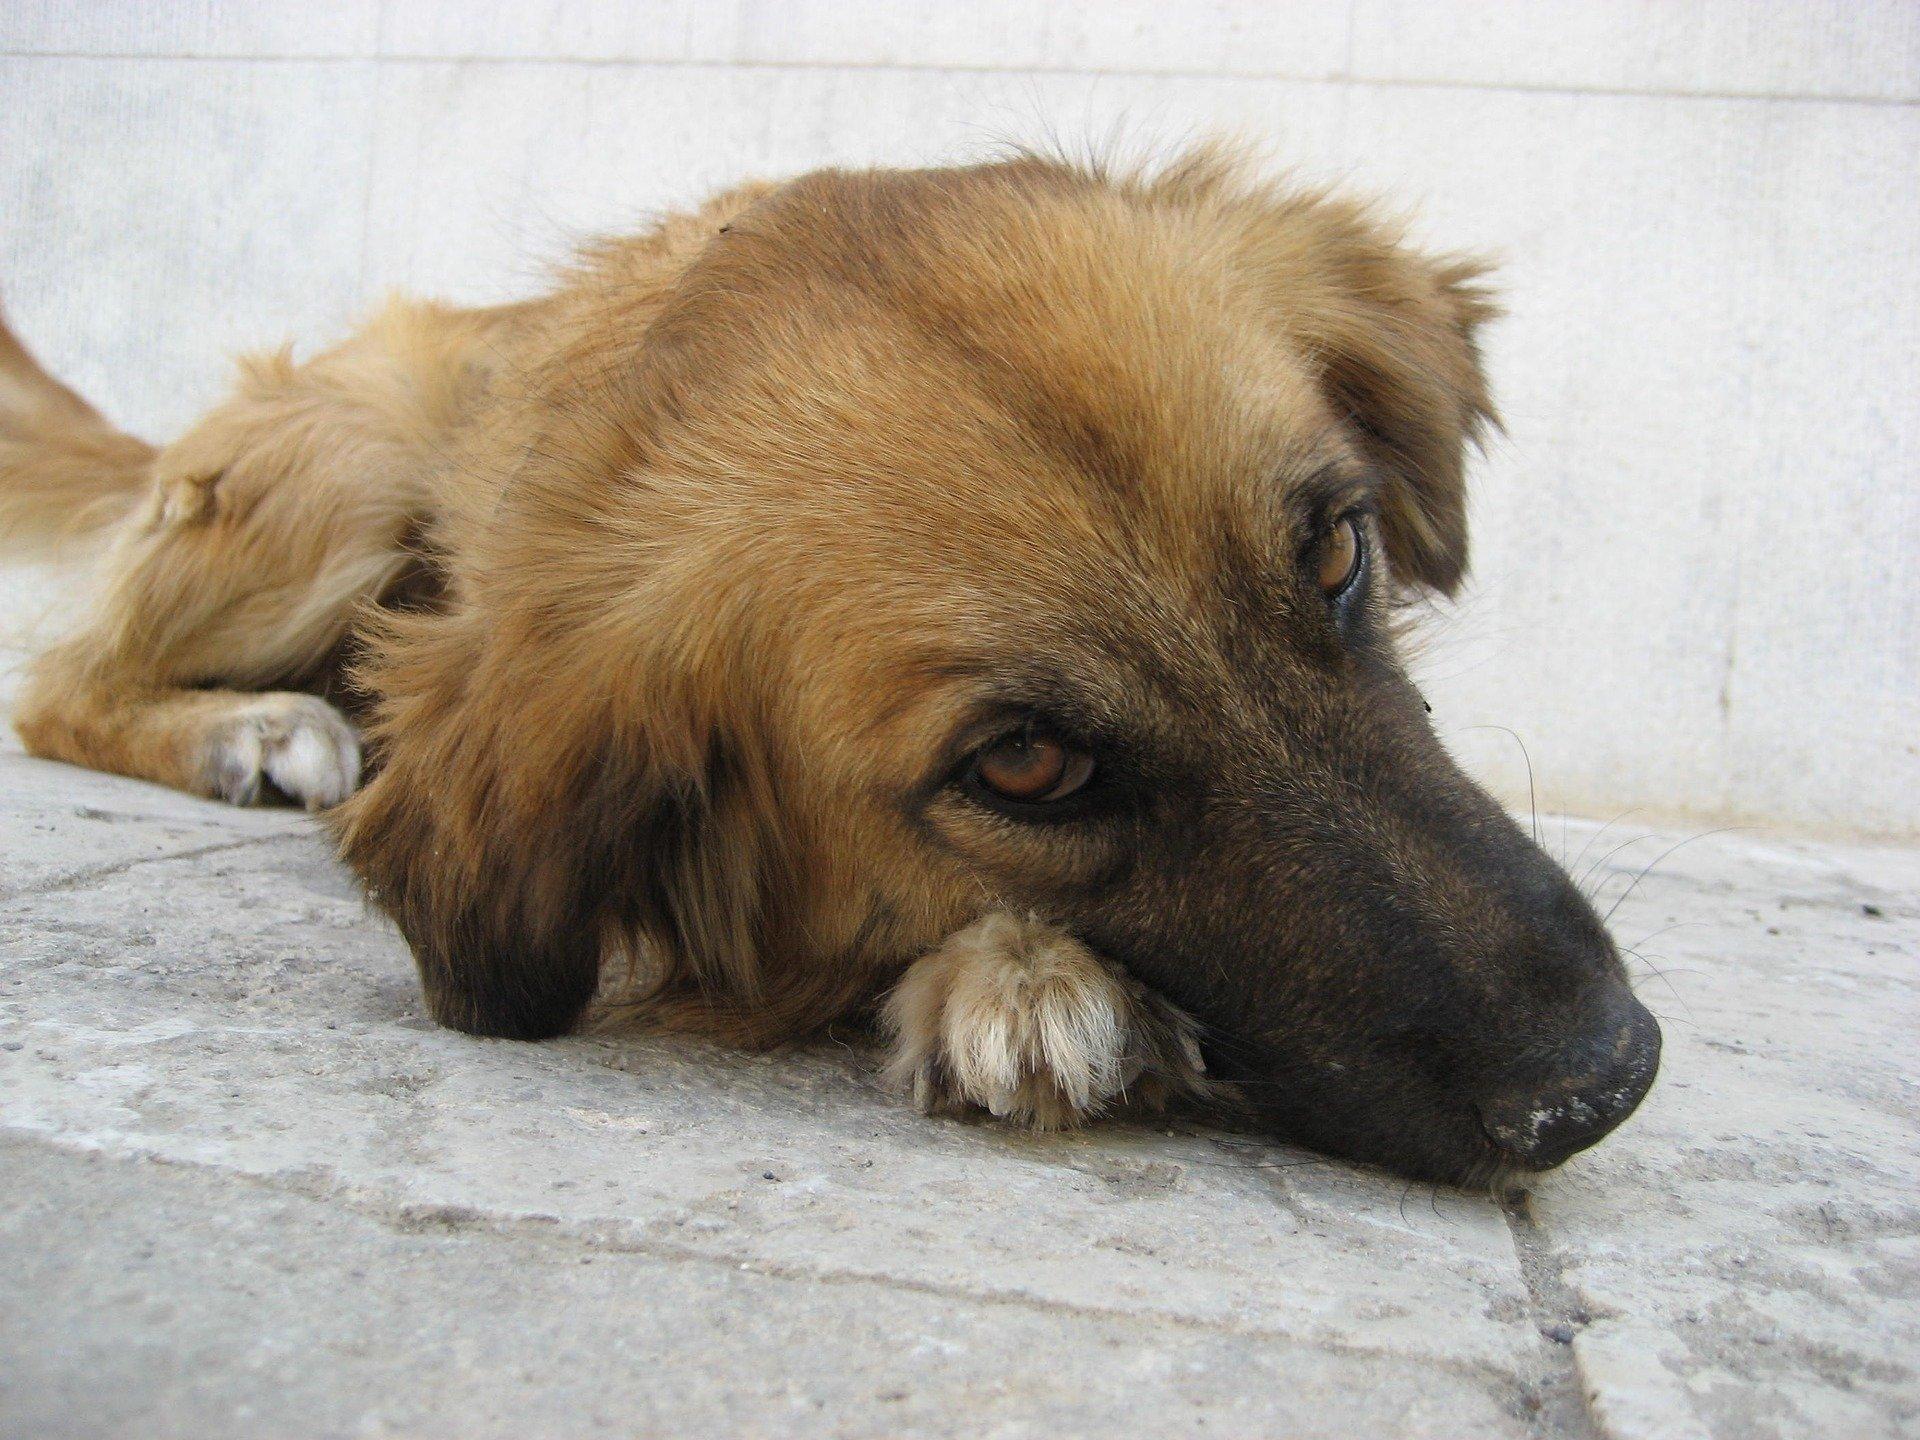 Avvelenamento del cane: come intervenire